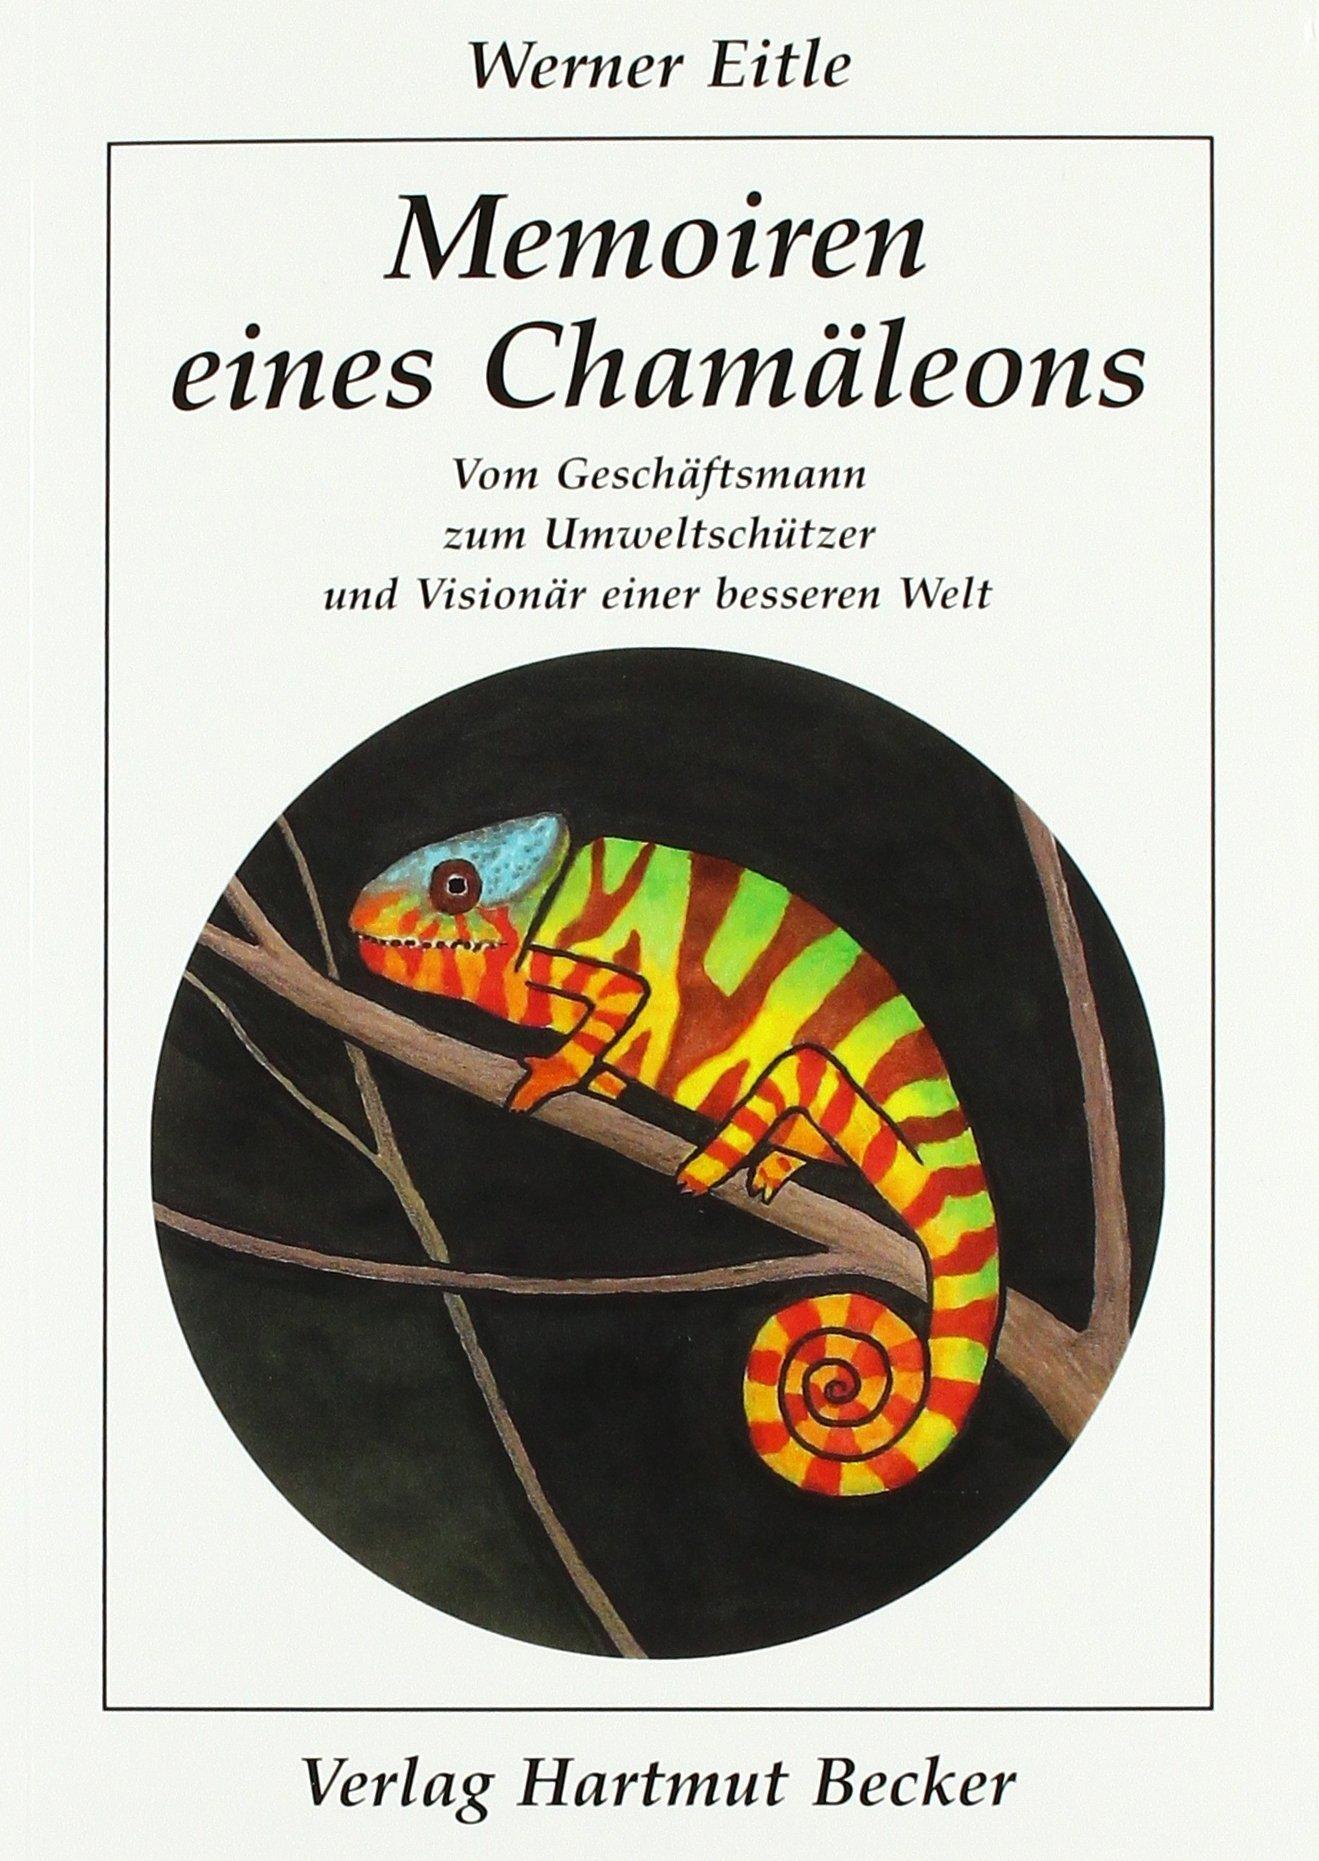 Memoiren eines Chamäleons: Vom Geschäftsmann zum Umweltschützer und Visionär einer besseren Welt (Lebenserfahrungen)